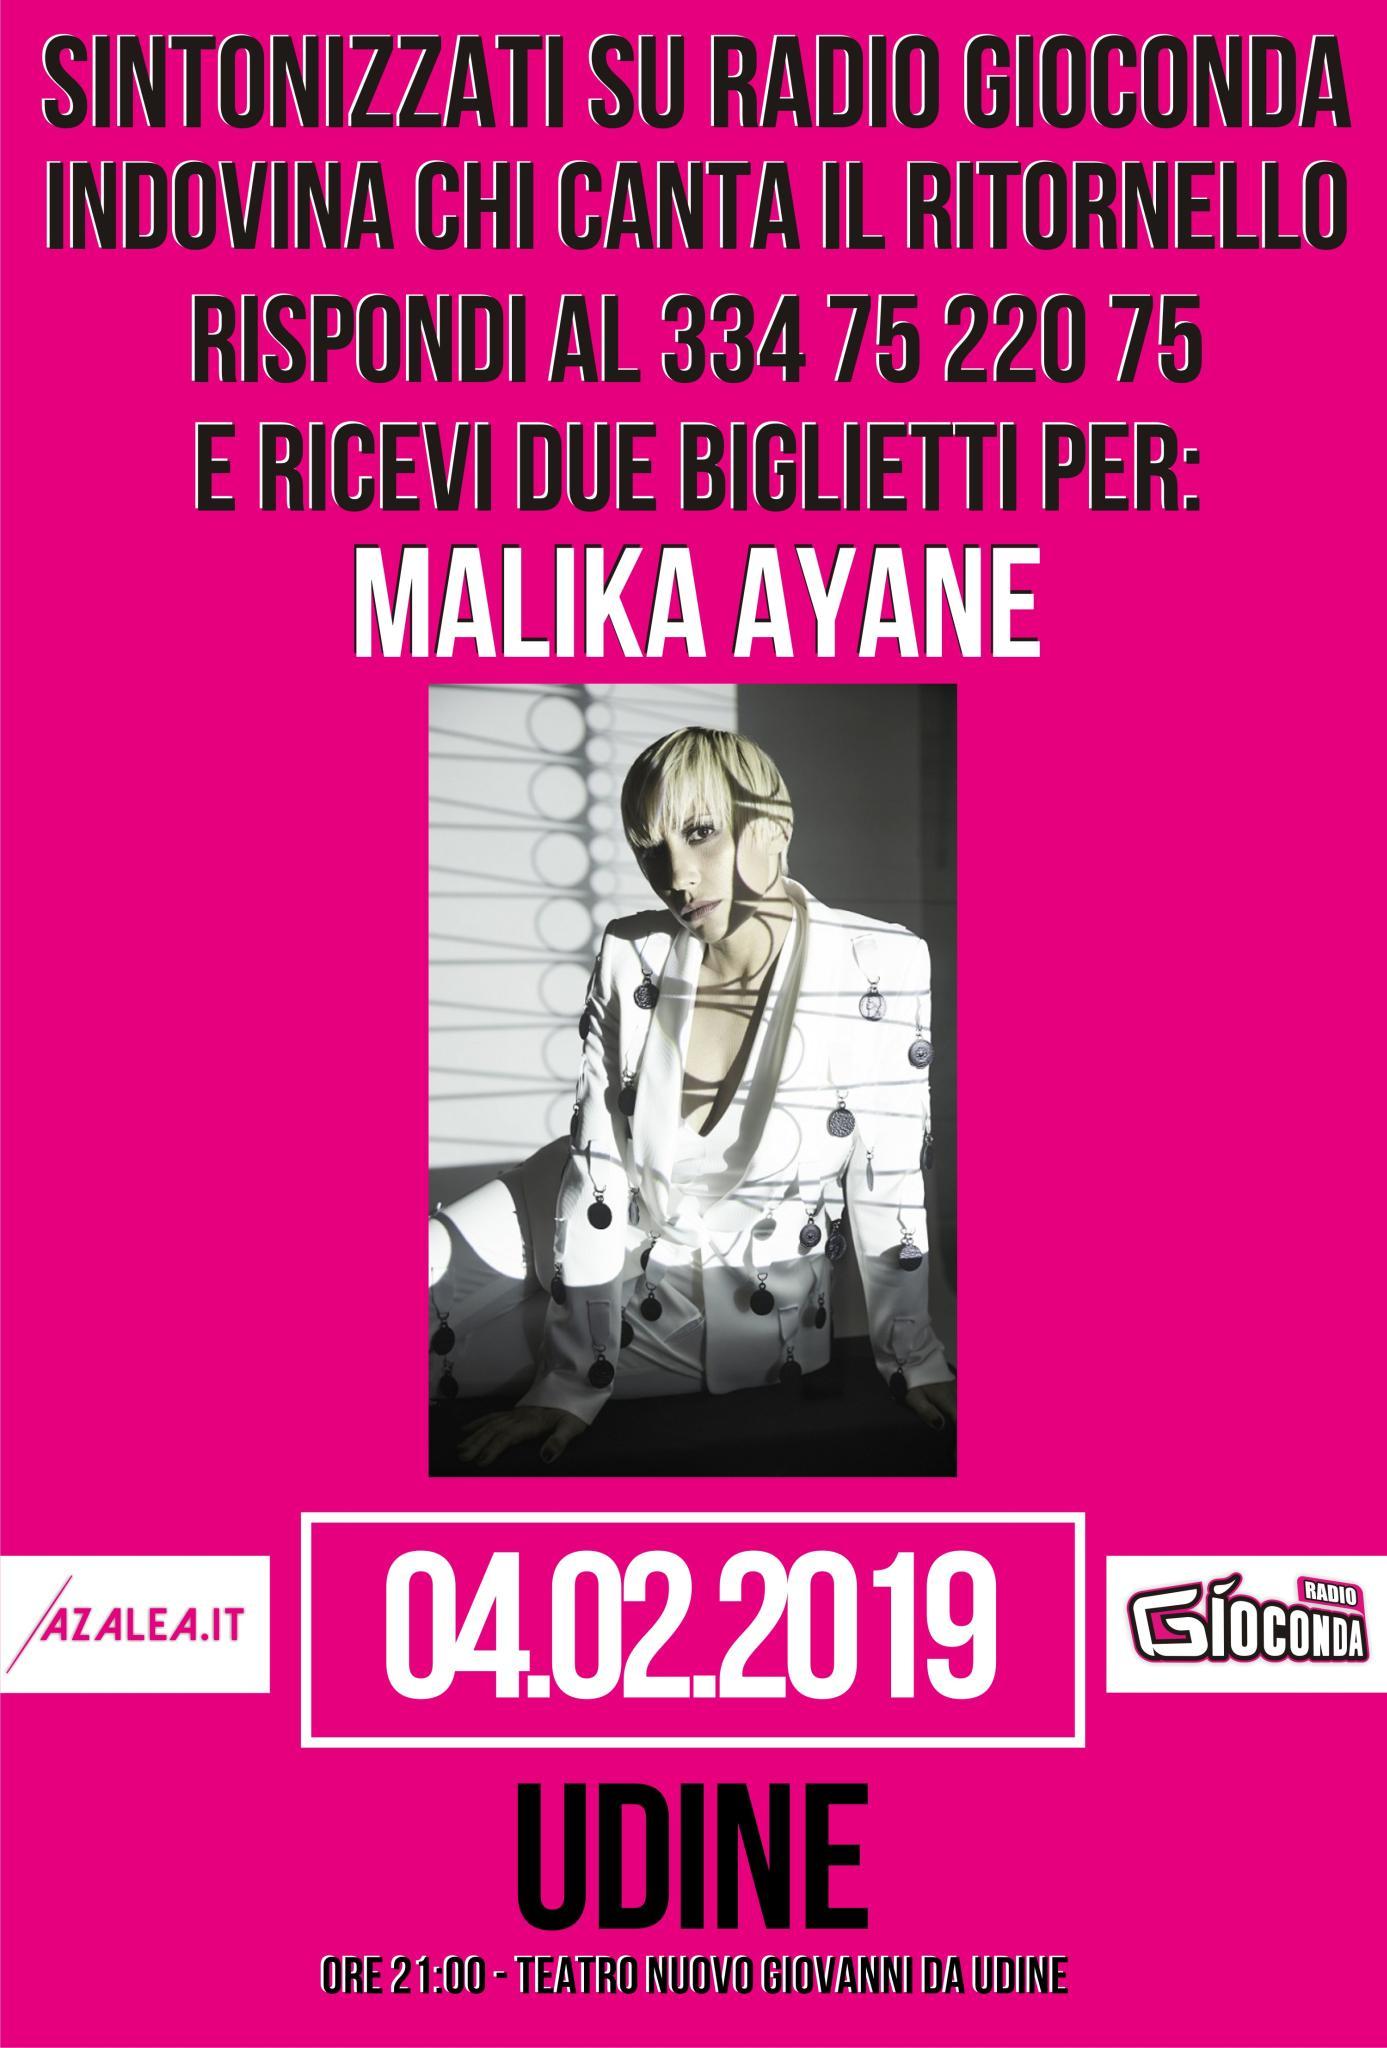 Indovina Indovinello Malika Ayane Udine